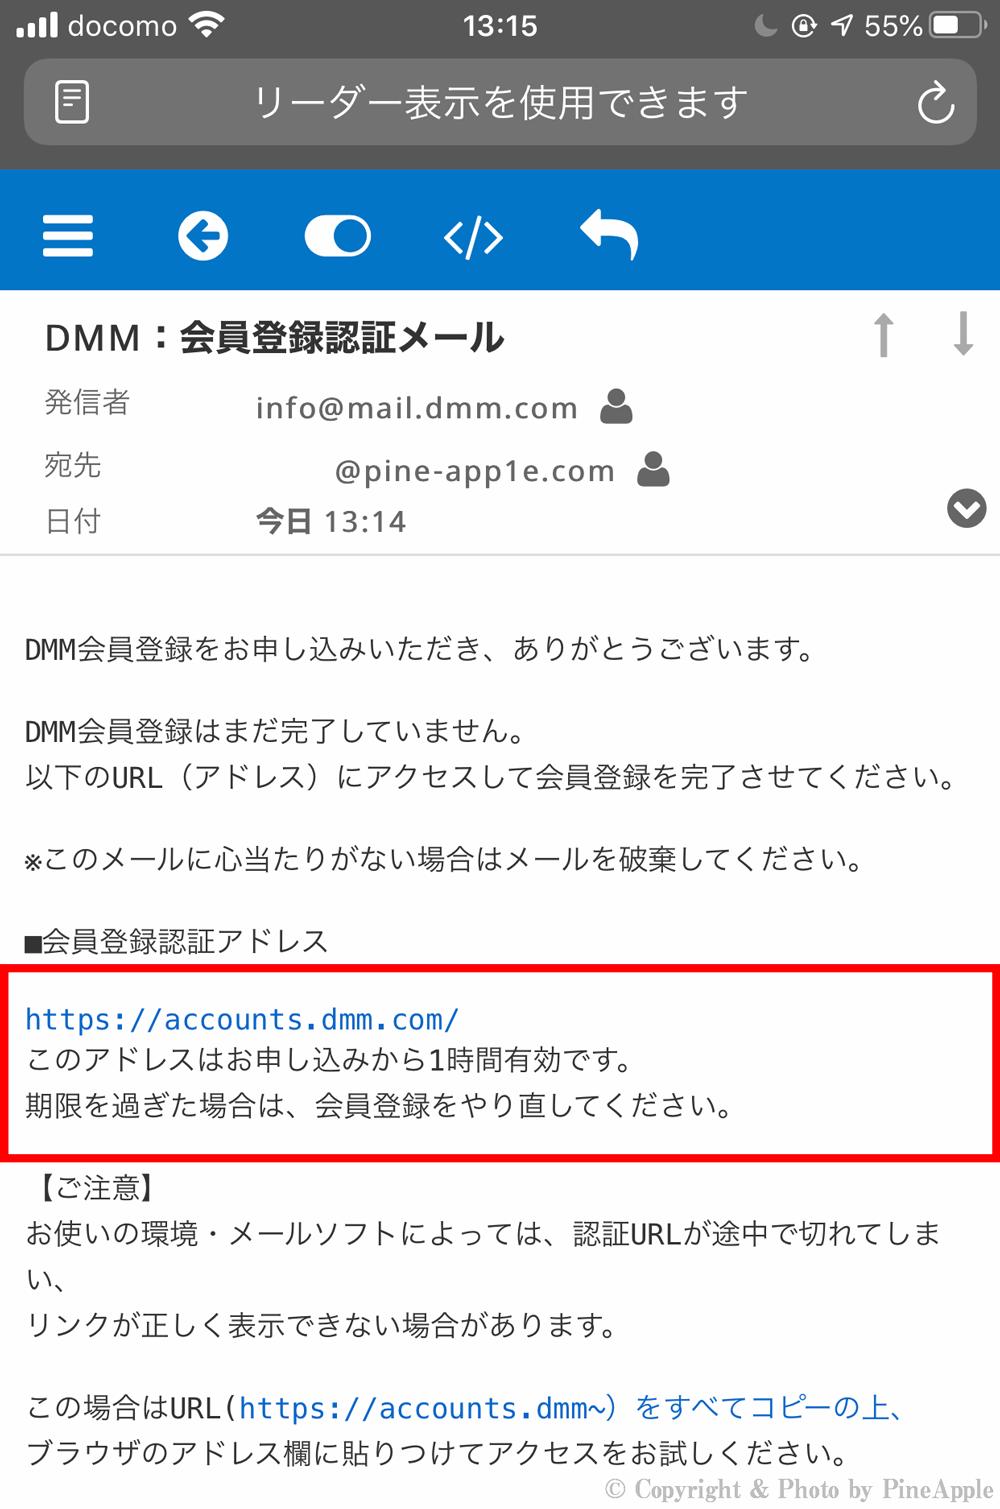 DMM アカウント:「info@mail.dmm.com」から受信したメールに記載されている「会員登録認証アドレス」の URL をタップ